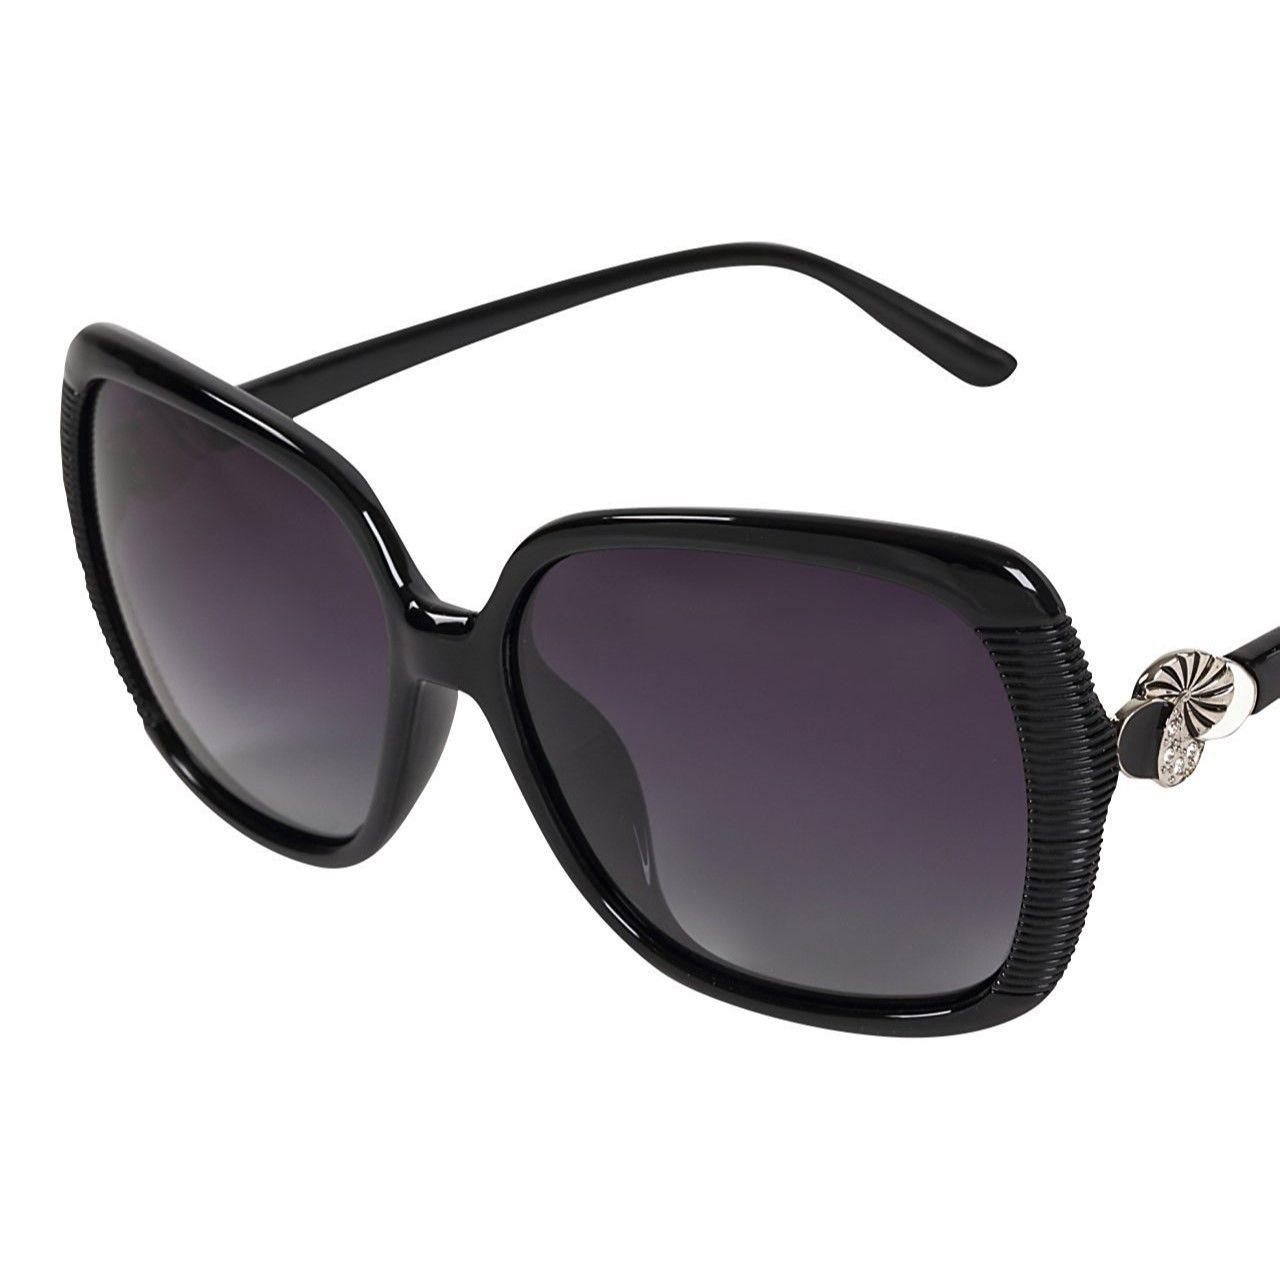 レディース サングラス バタフライ UV400 紫外線 カット率99.9 % UVカット 偏光レンズ (6ブラック)